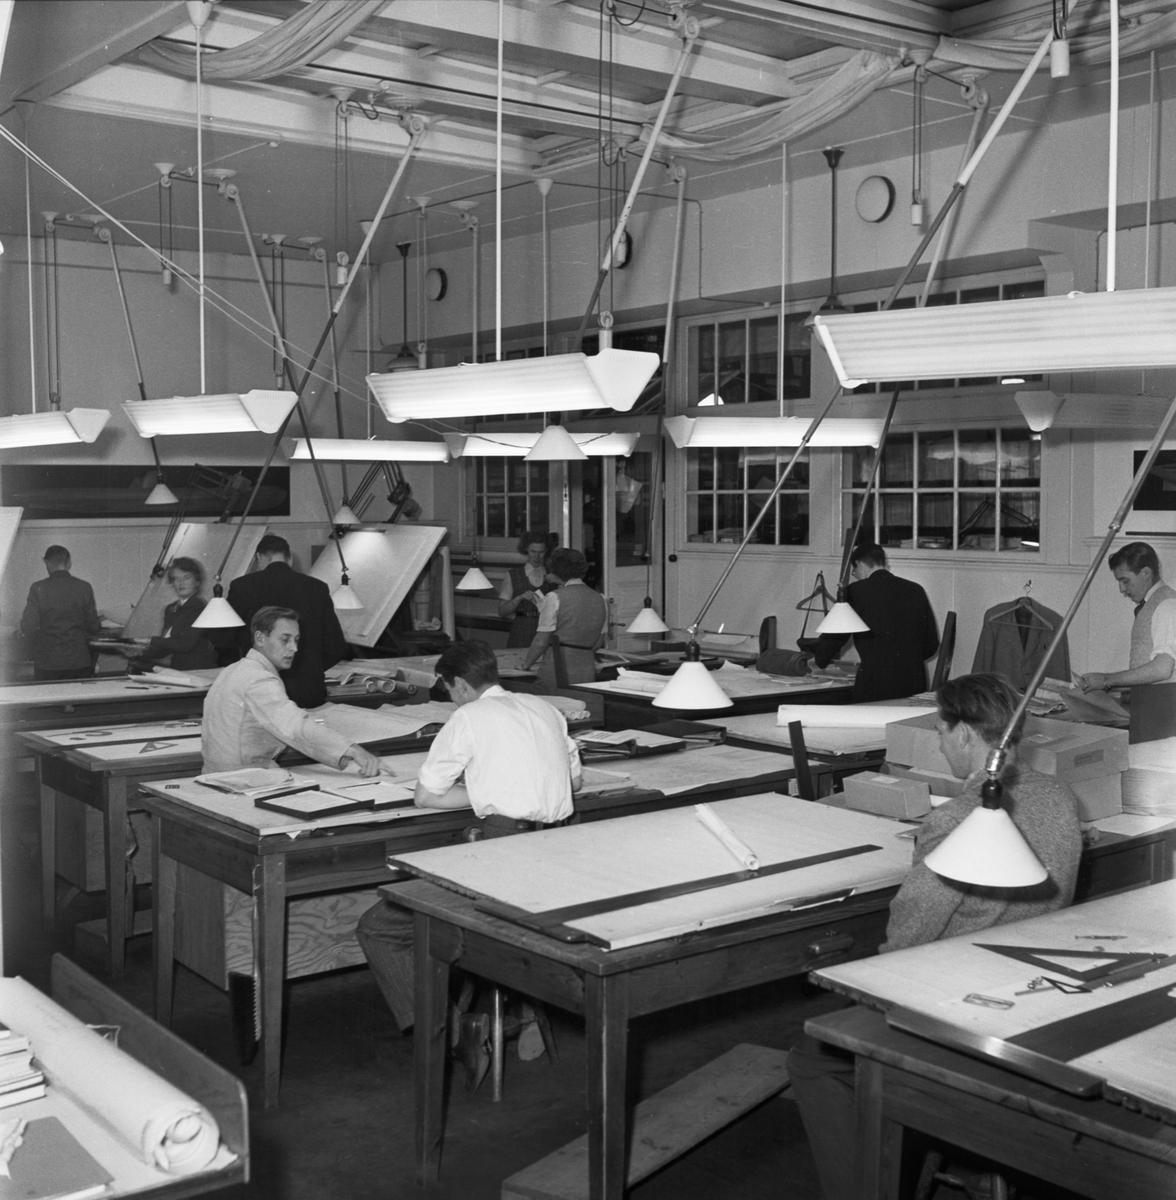 Övrigt: Foto datum: 29/6 1953 Byggnader och kranar Ritkontoret interiör